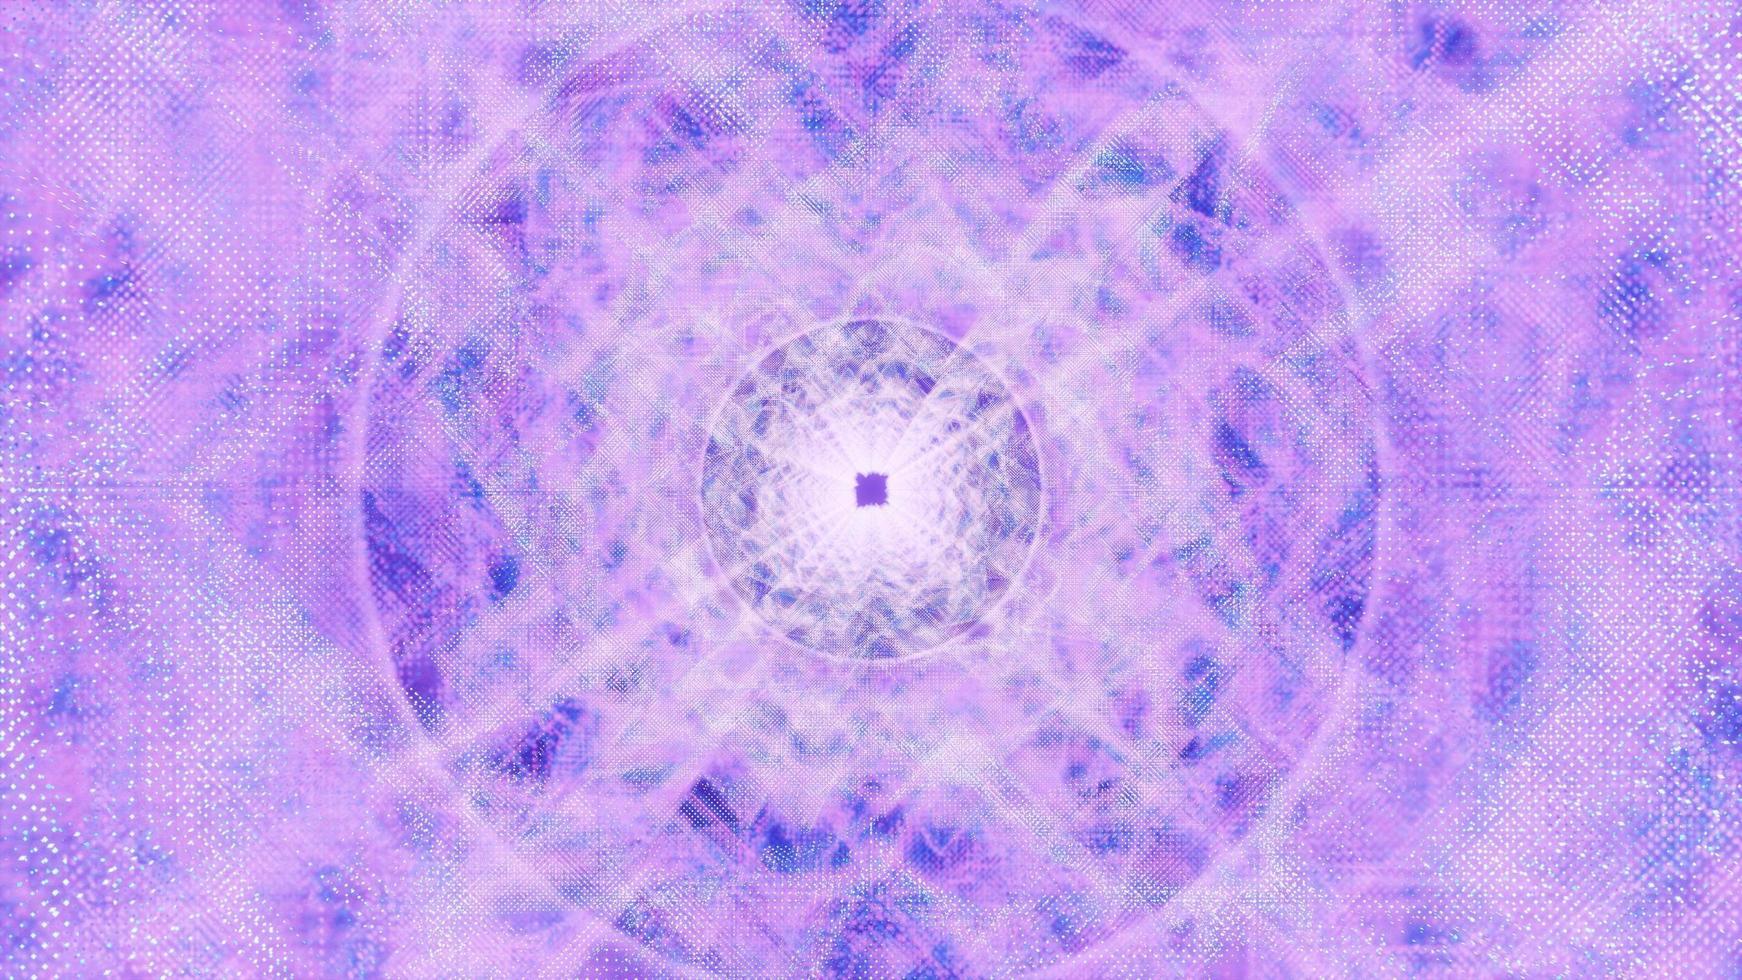 papel de parede de fundo rosa abstrato ilustração 3d foto